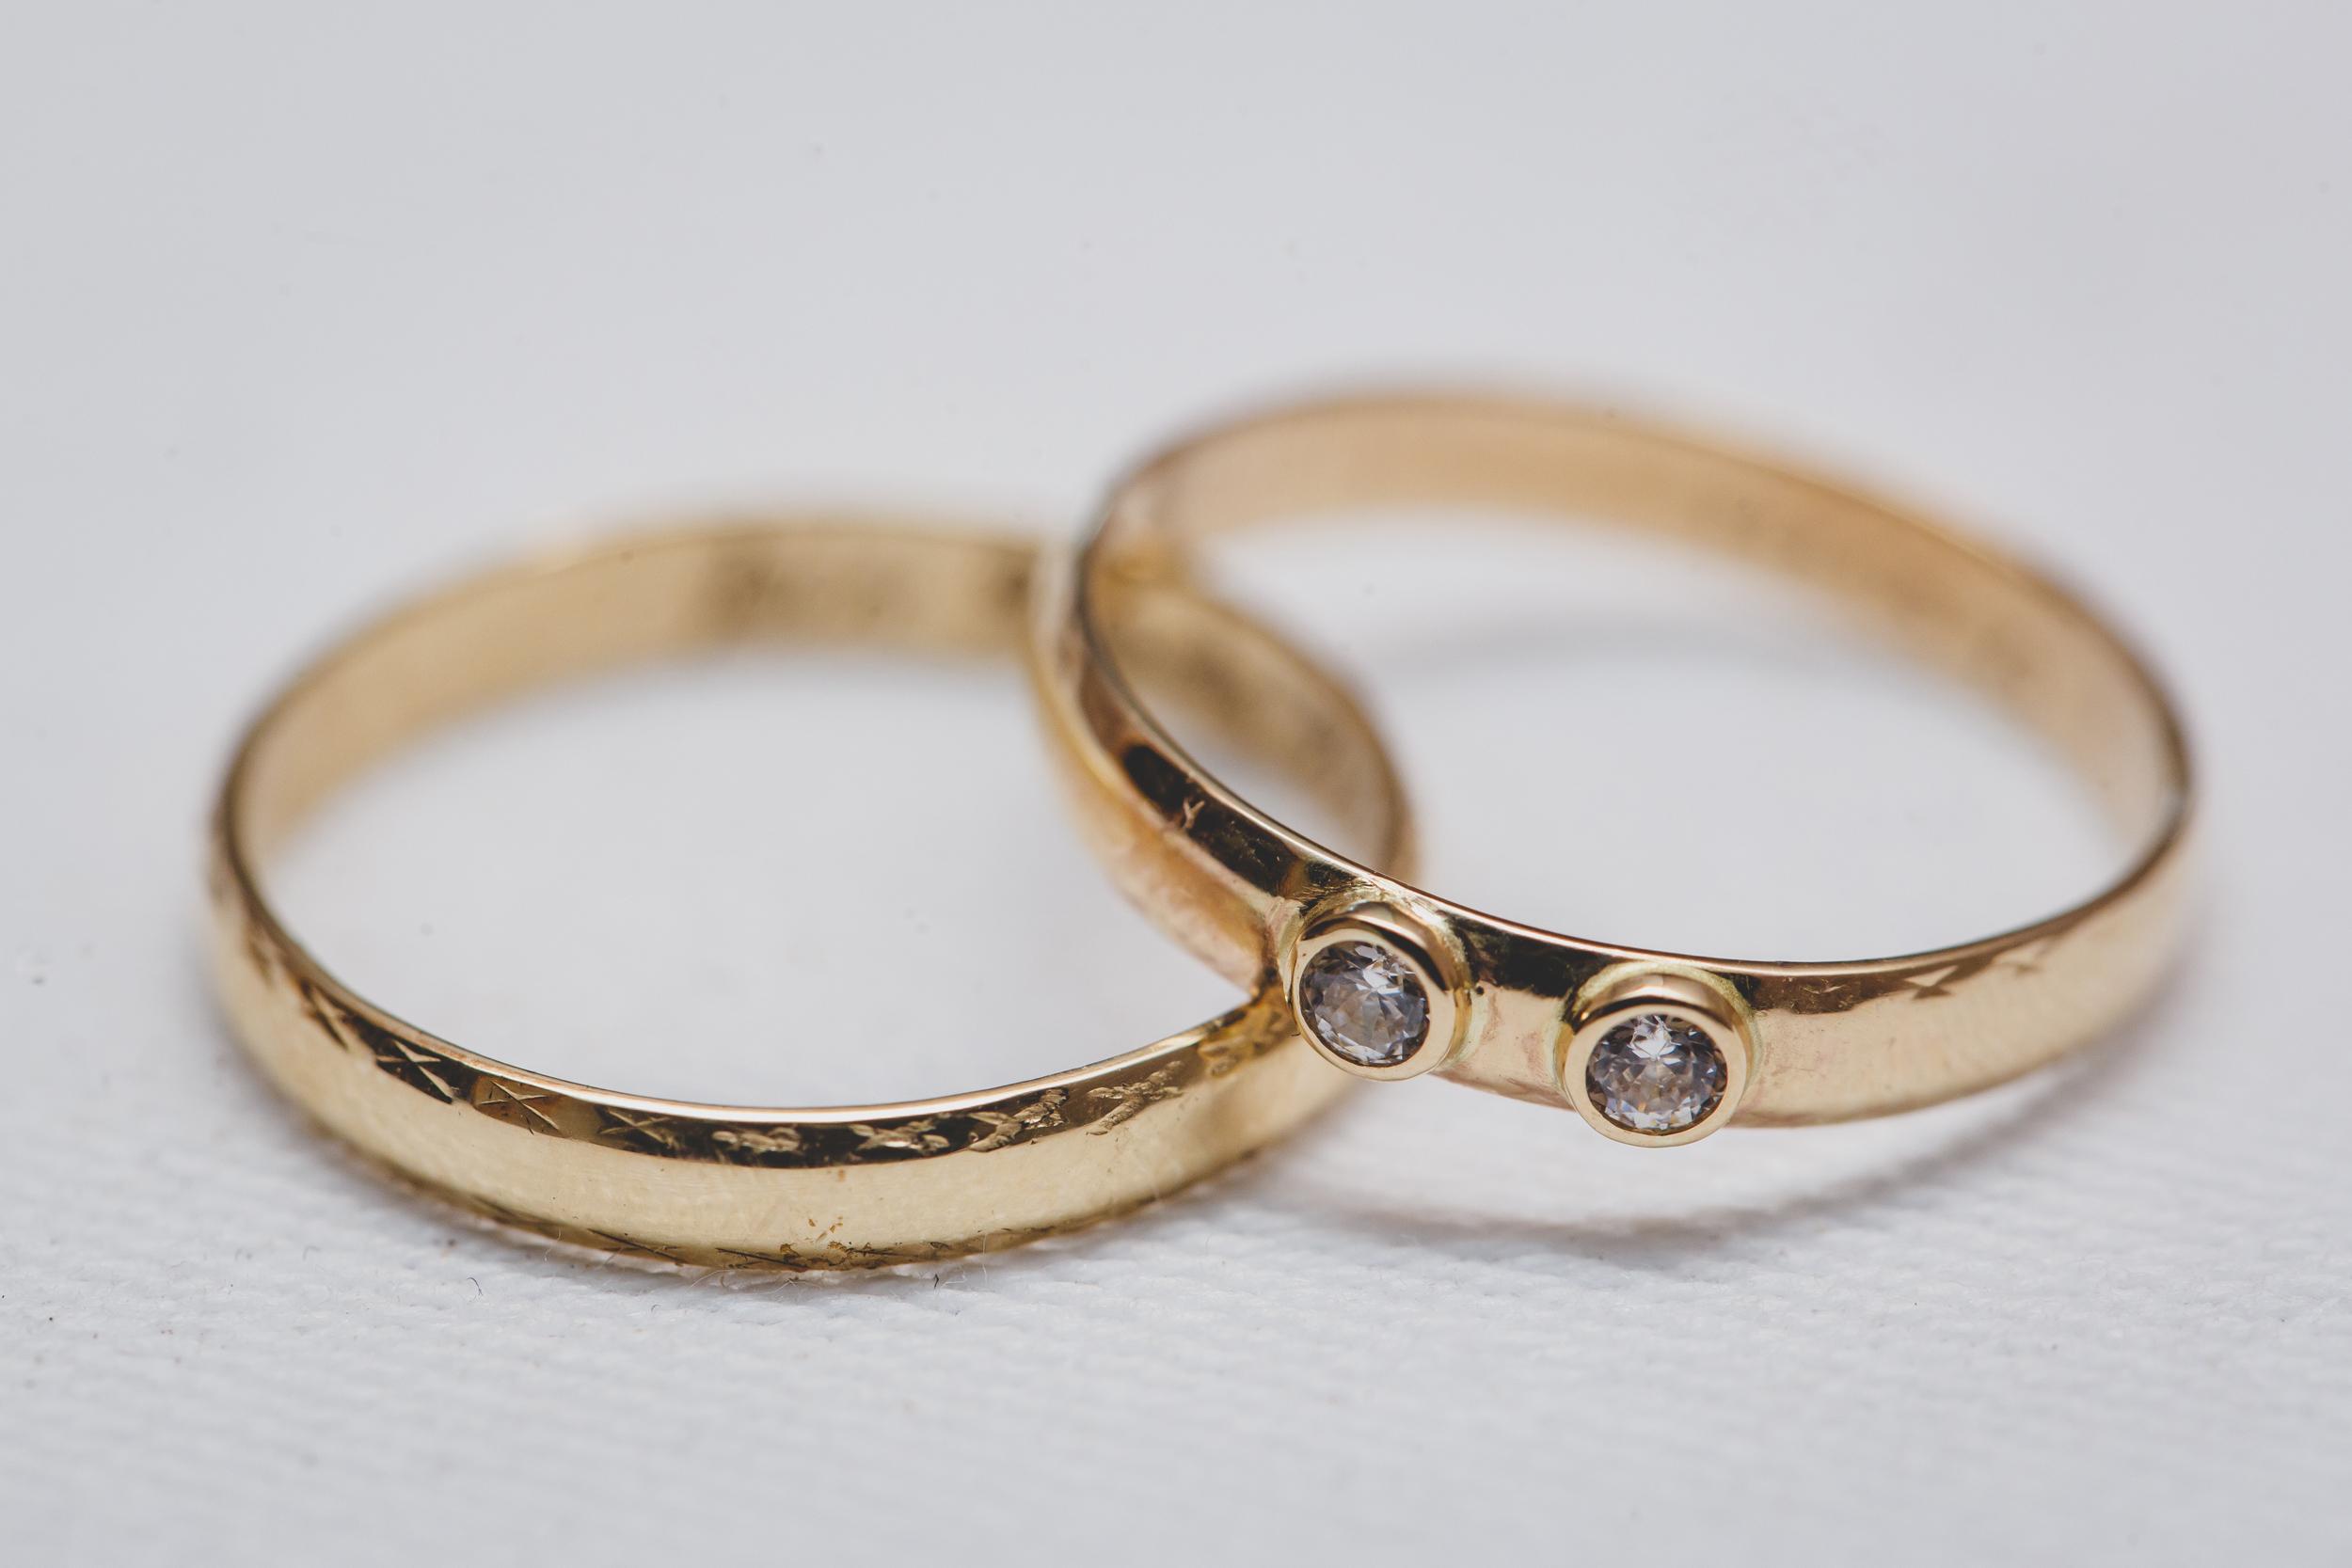 Brudkaup01-235.jpg